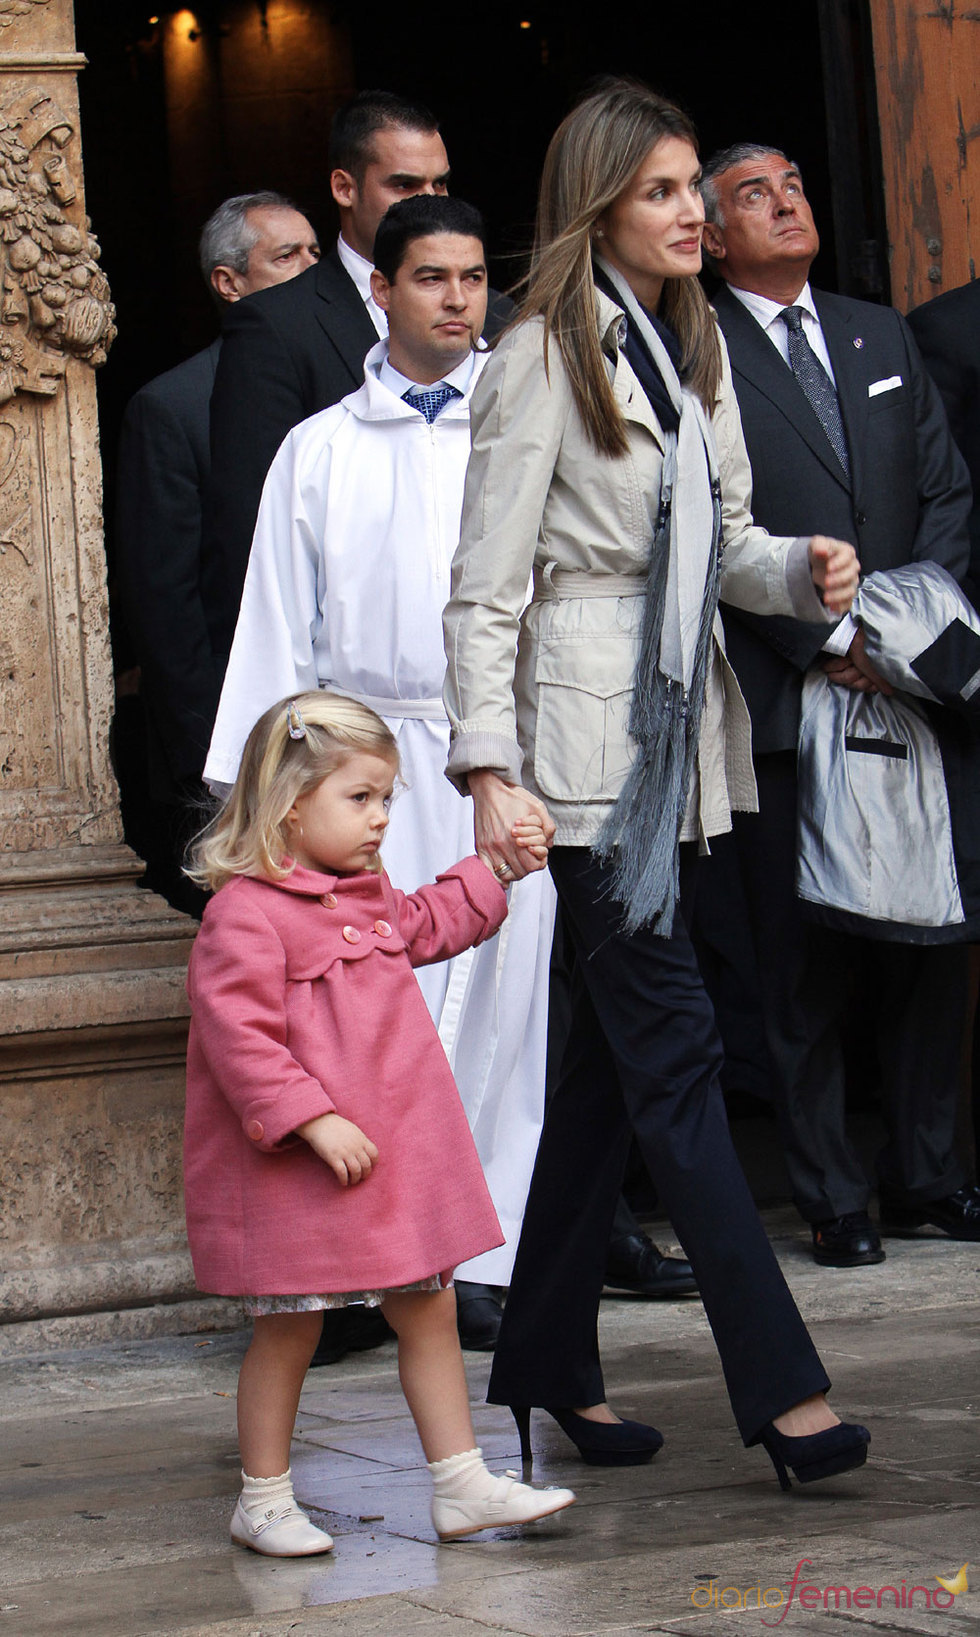 La Princesa Letizia en la Semana Santa de 2010 en Mallorca